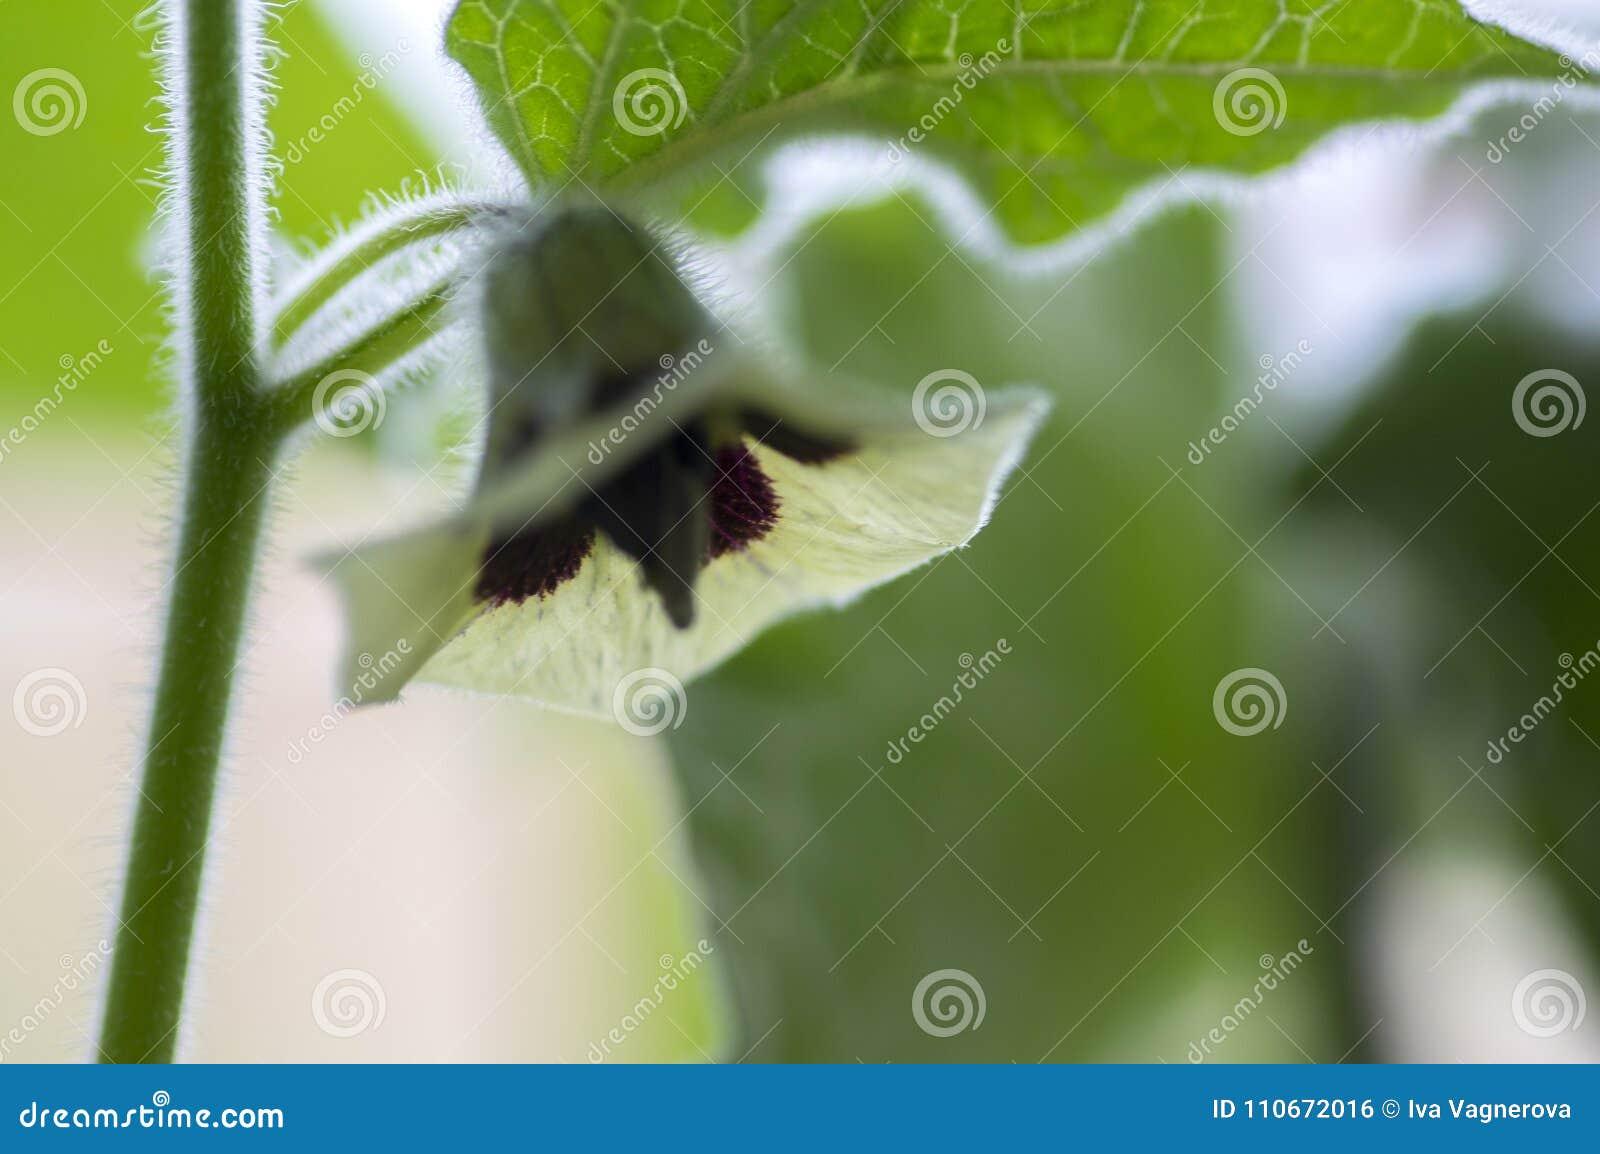 Eetbare smakelijke physalis van Physalisperuviana in bloei, groene bladeren op takken